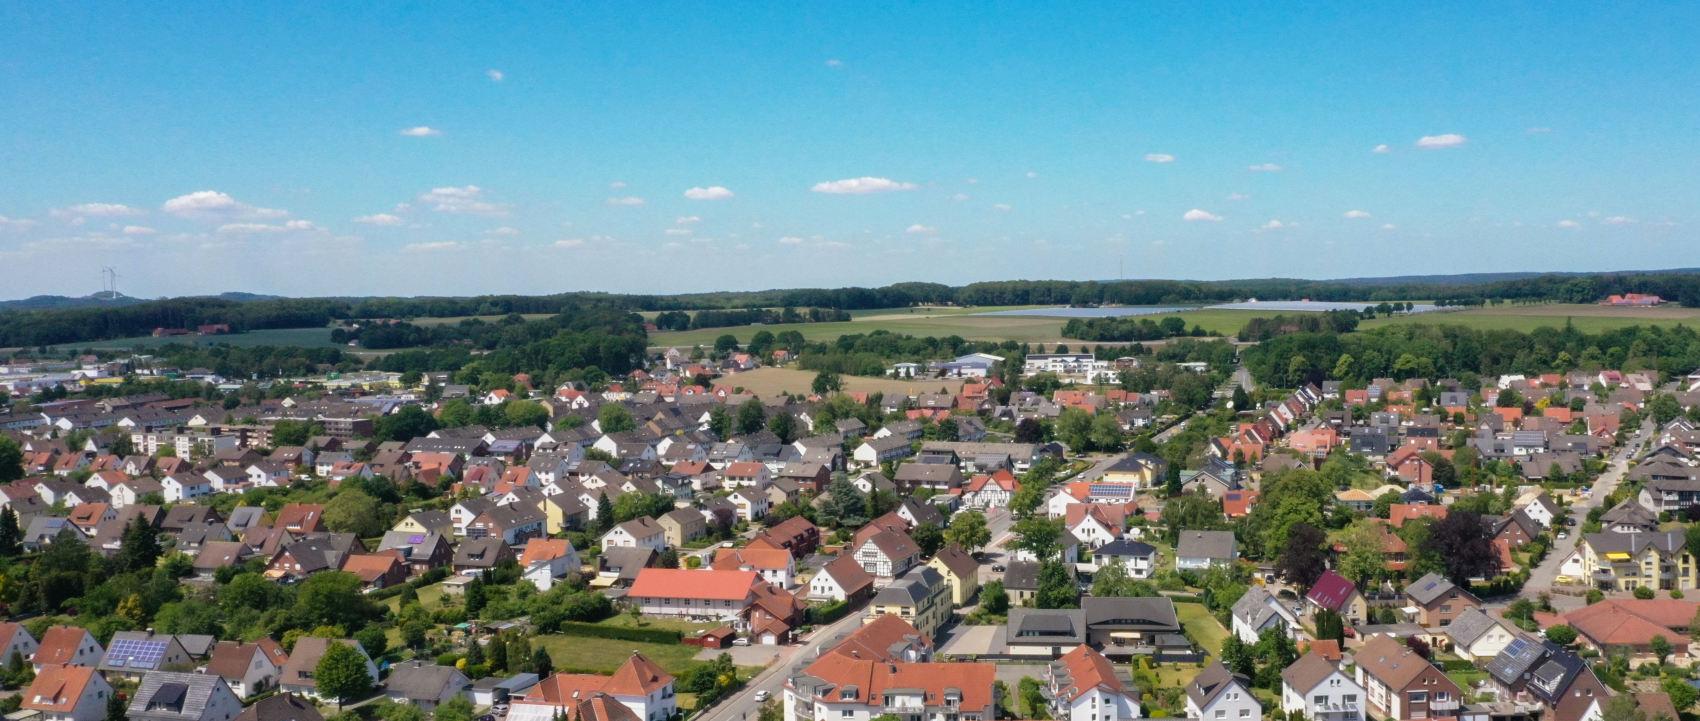 Wir kennen Angebot und Nachfrage, insbesondere in der Stadt und der Region Osnabrück, sehr gut.